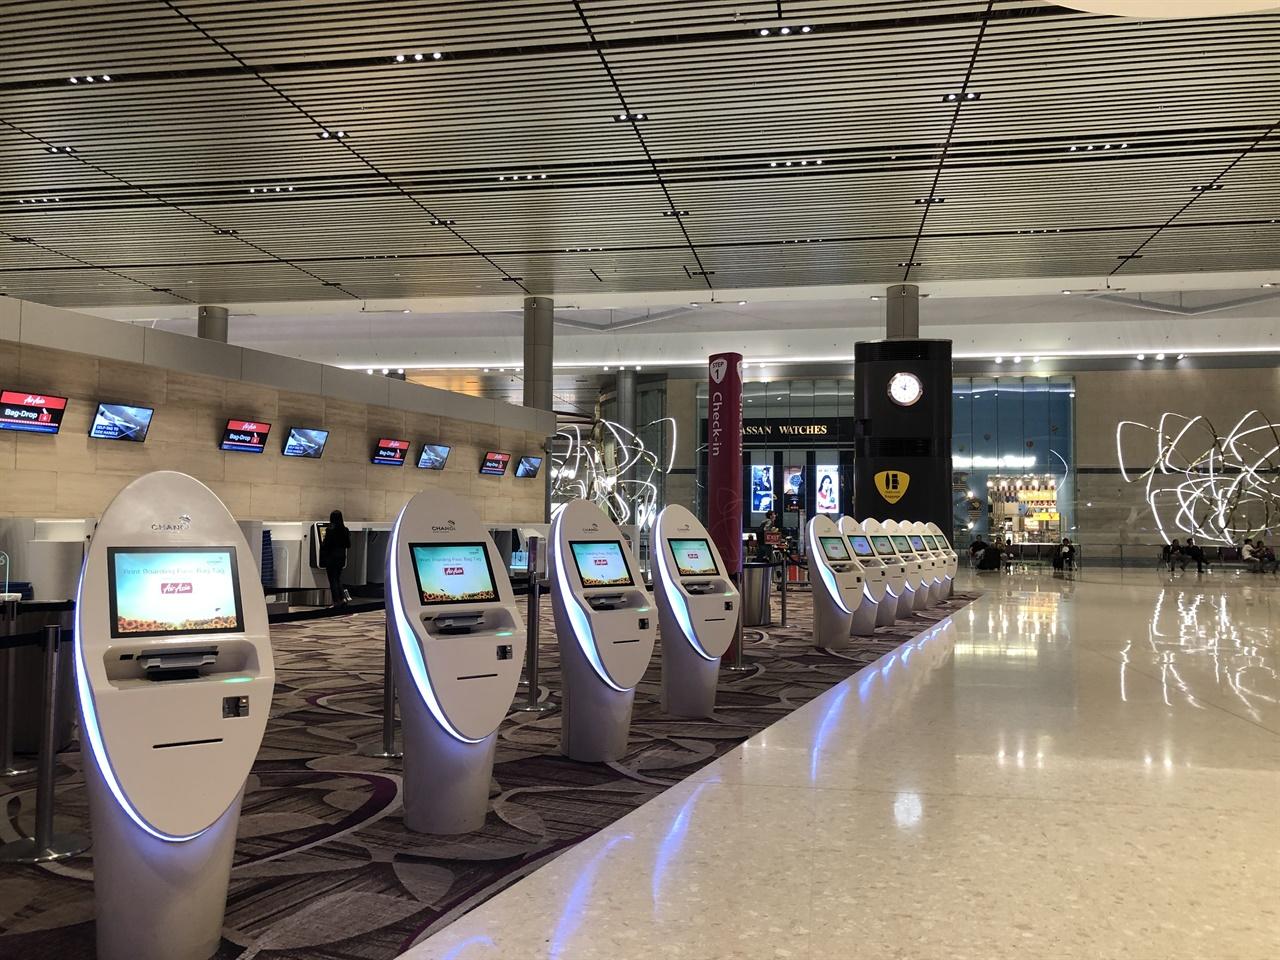 여행객을 기다리고 있는 창이공항의 모습. 싱가포르에서 한국이 2단계 국가로 격상되면서 여행의 문이 조금 더 열렸습니다.